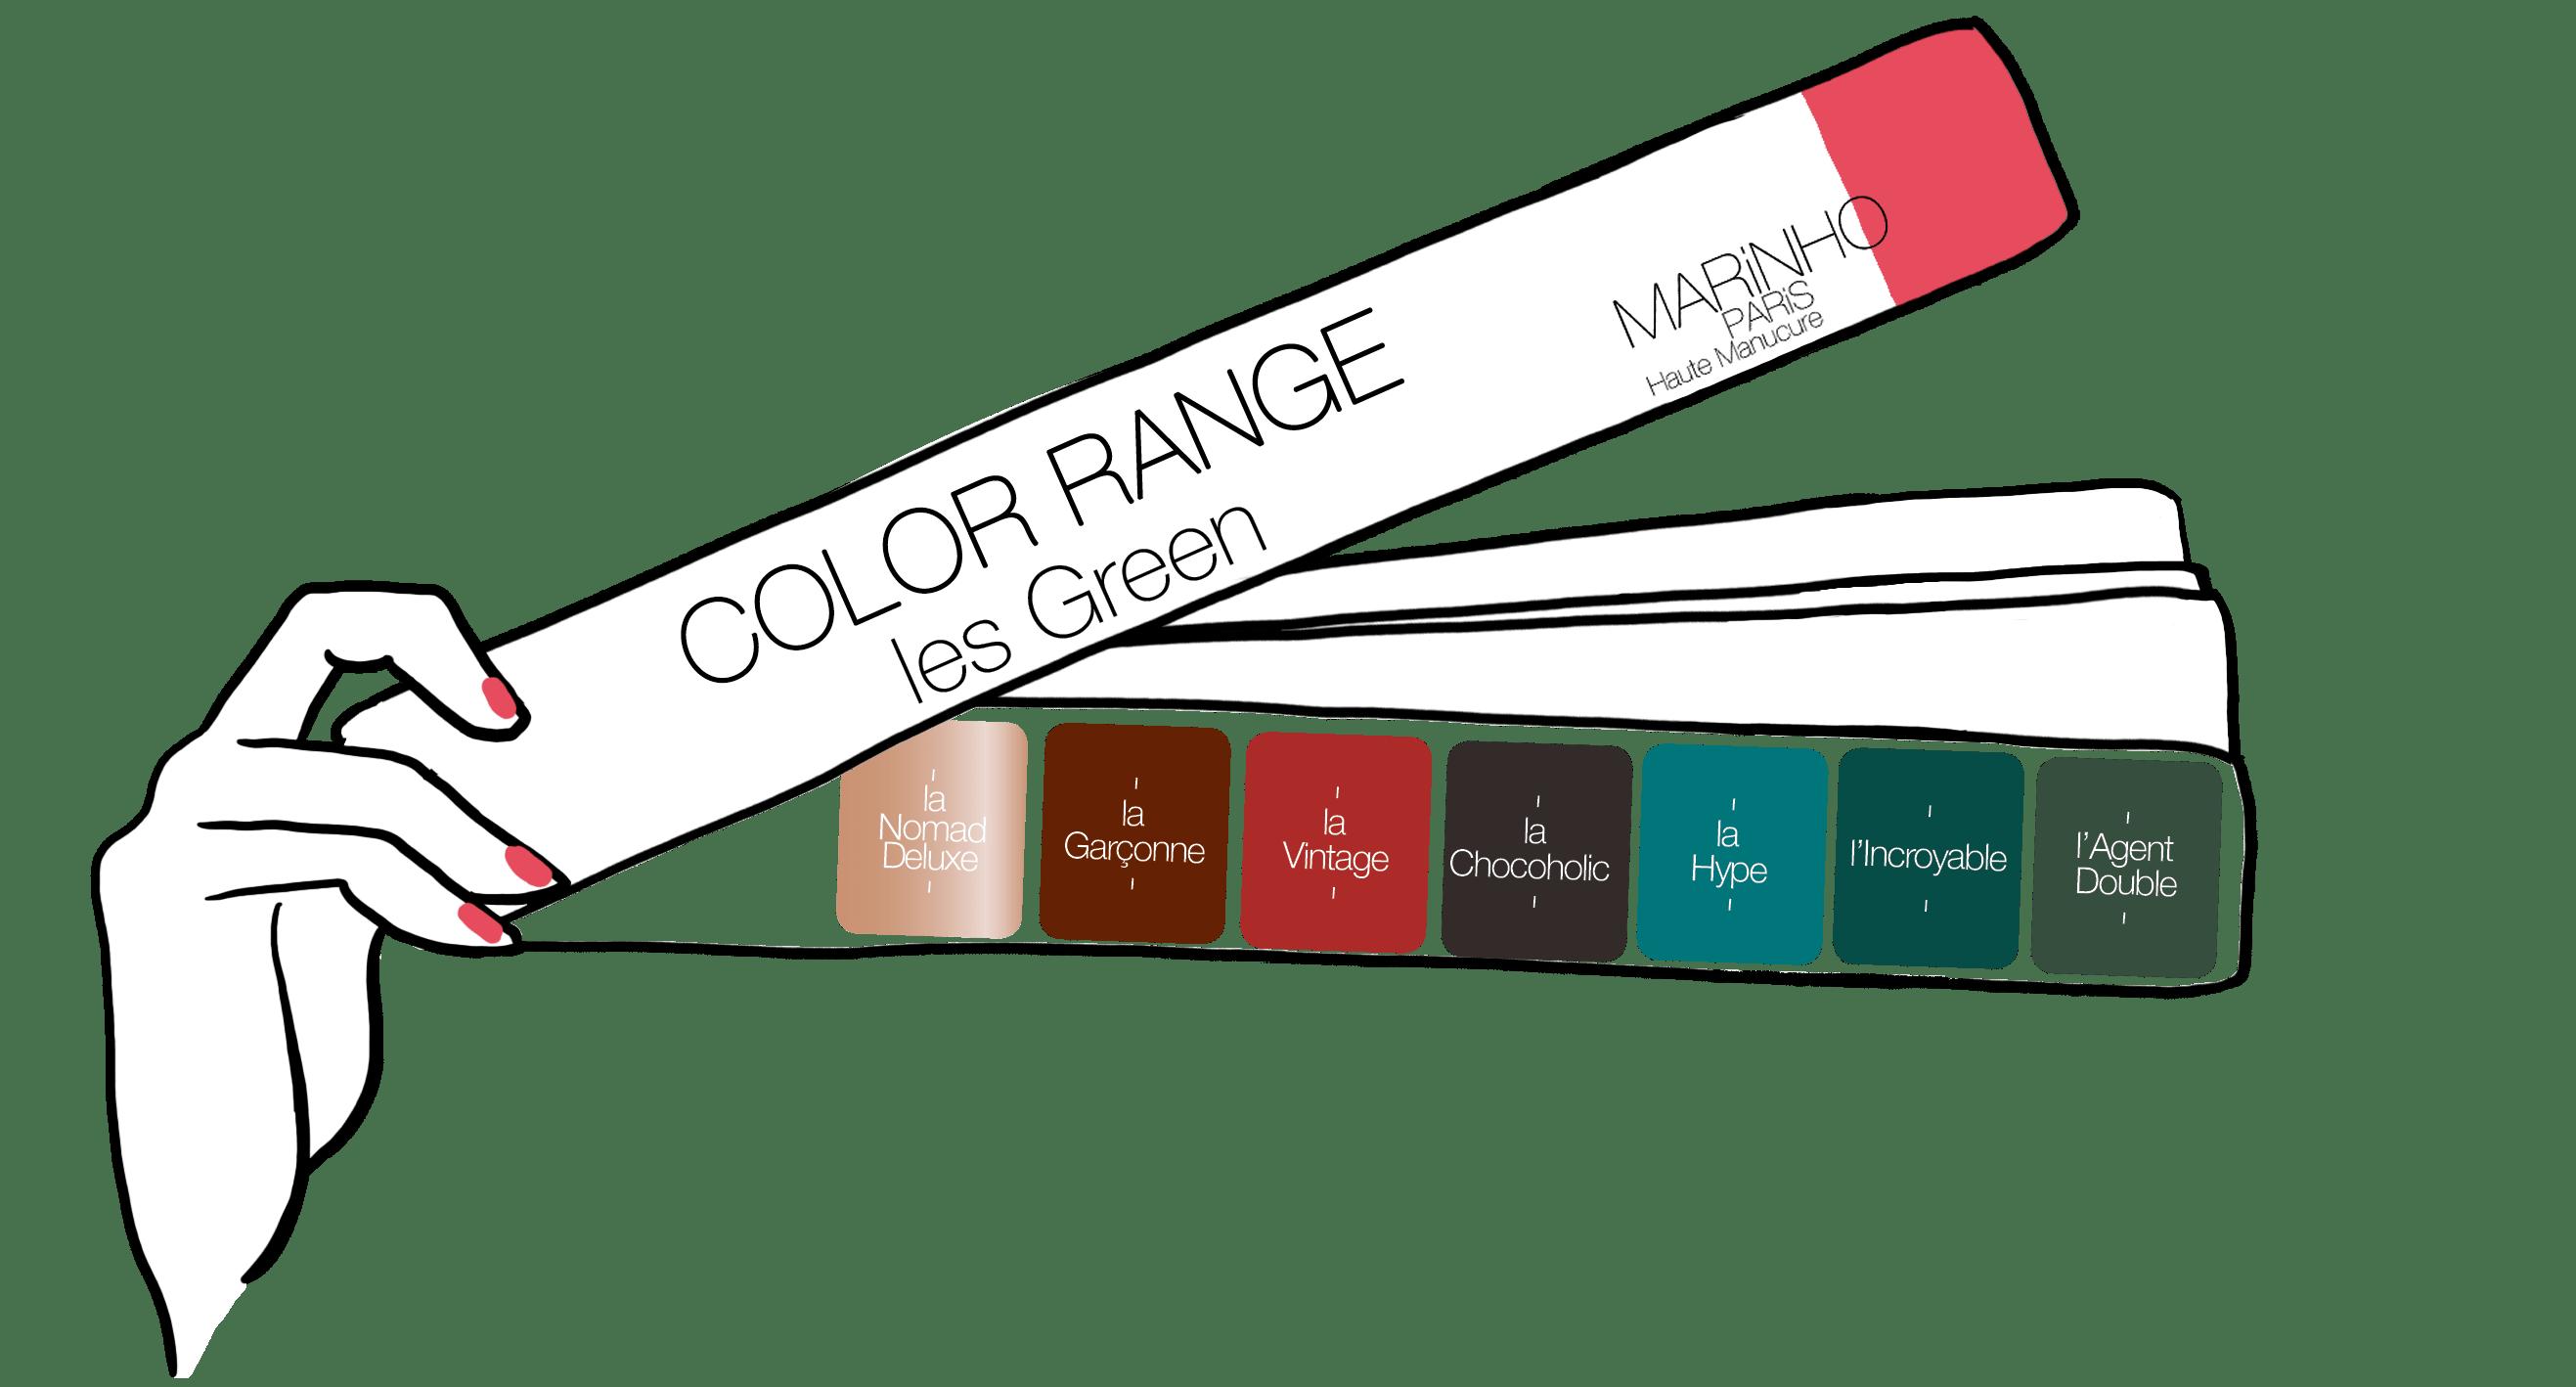 pantone avce gamme de couleurs vertes, nuance de verts, couleurs green